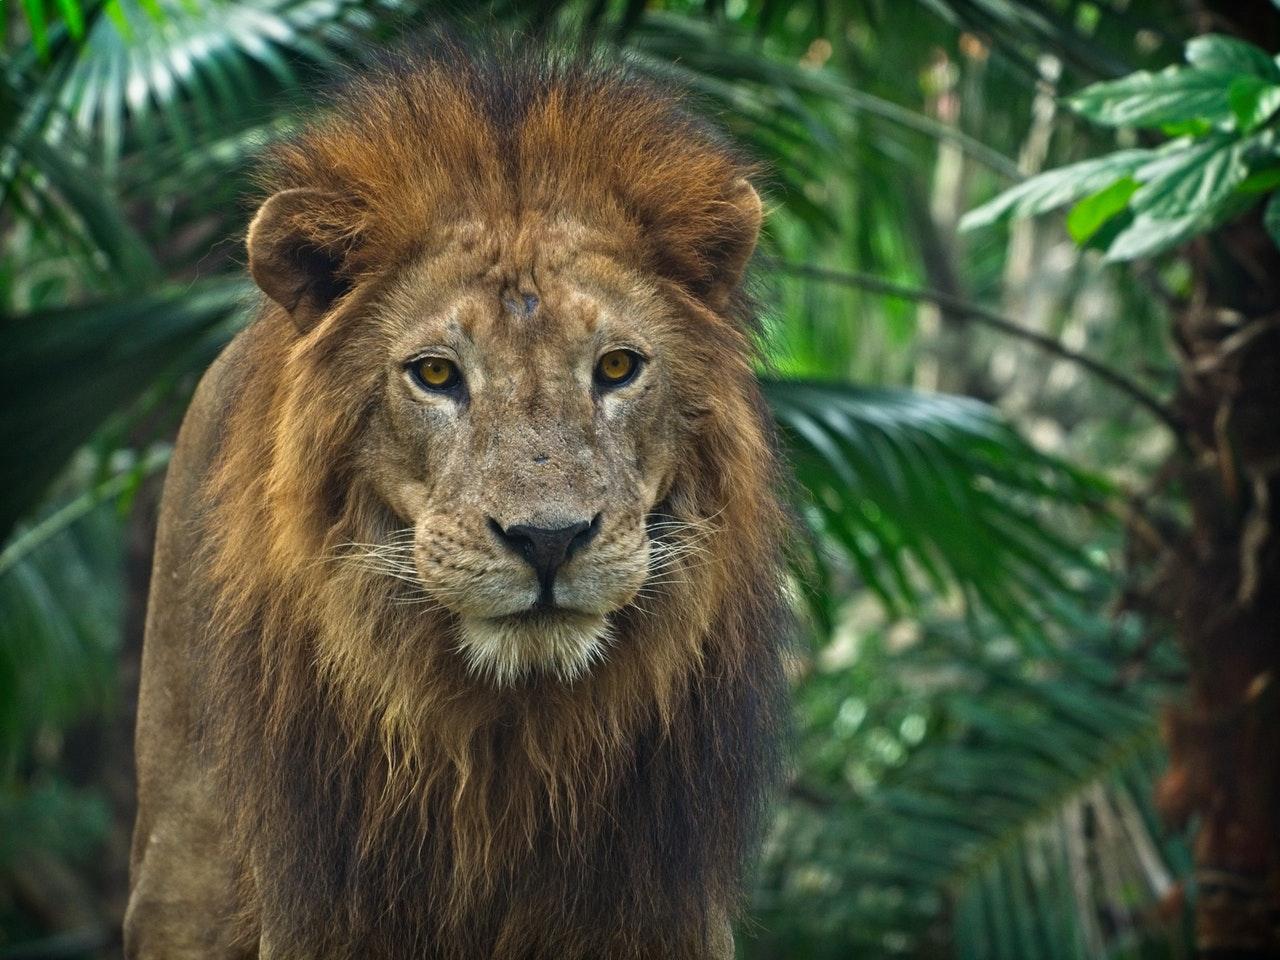 Sonhar com leão manso indica acomodação.